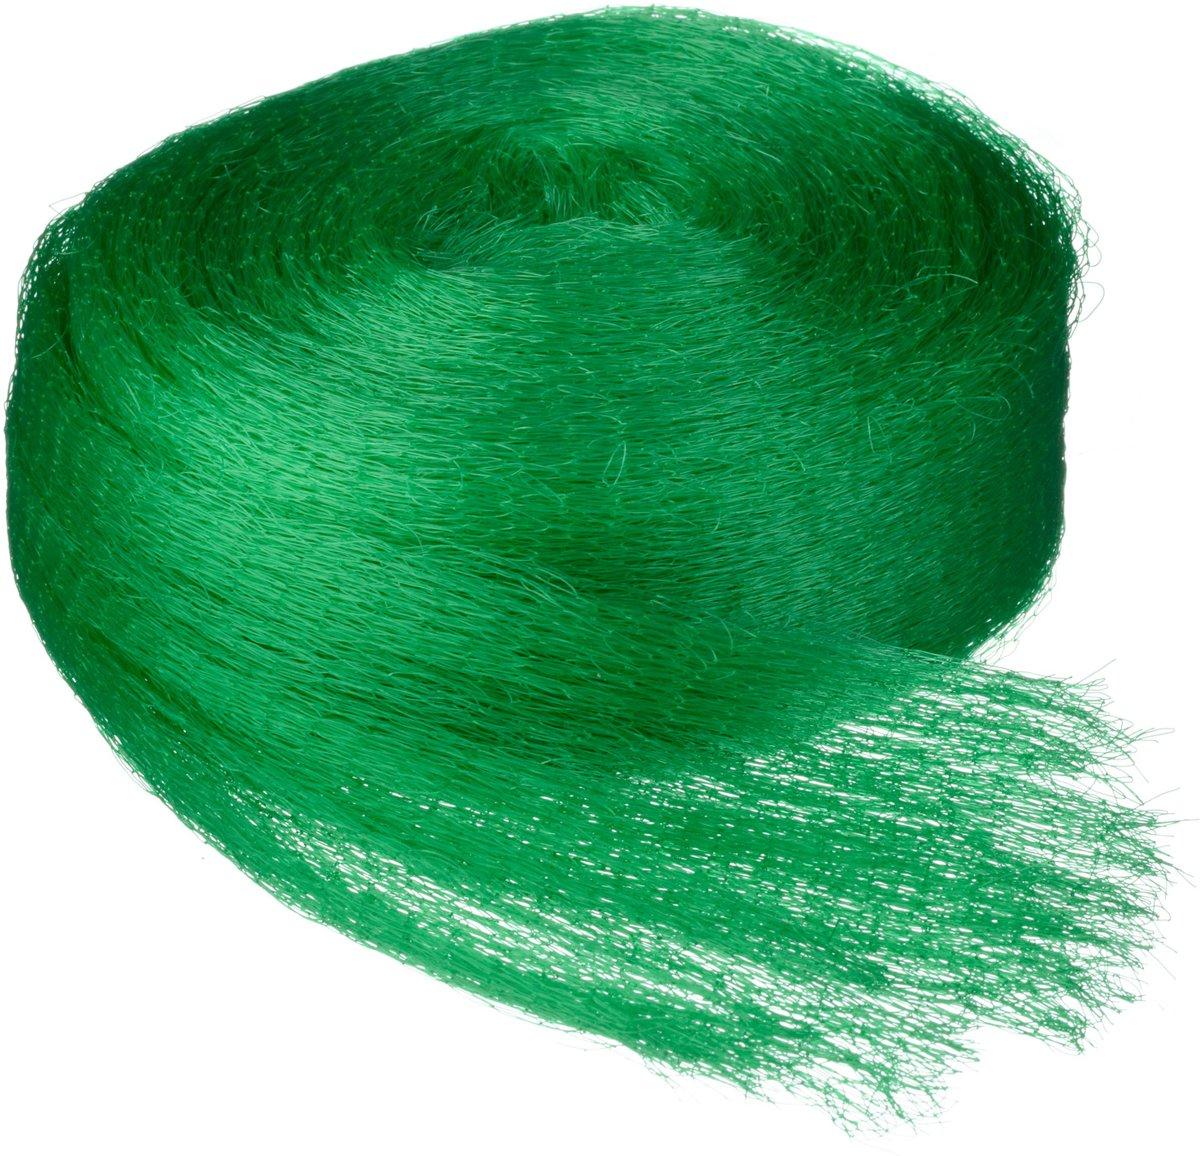 Tuinnet mono groen maaswijdte 6x6mm 7,5 g/m2 5x4m Nature